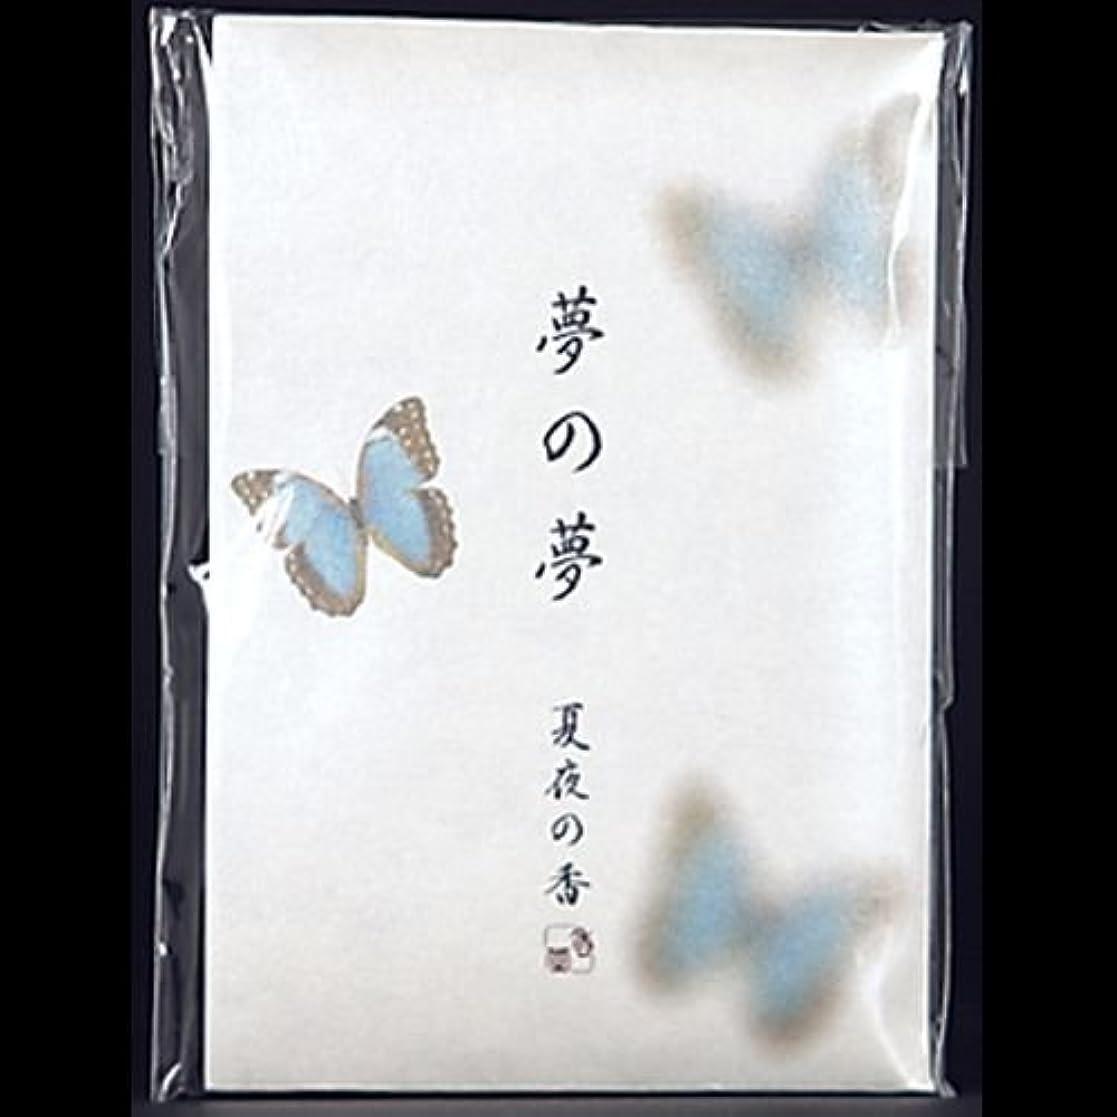 精緻化担保決めます【まとめ買い】夢の夢 夏夜の香 (蝶々) スティック12本入 ×2セット